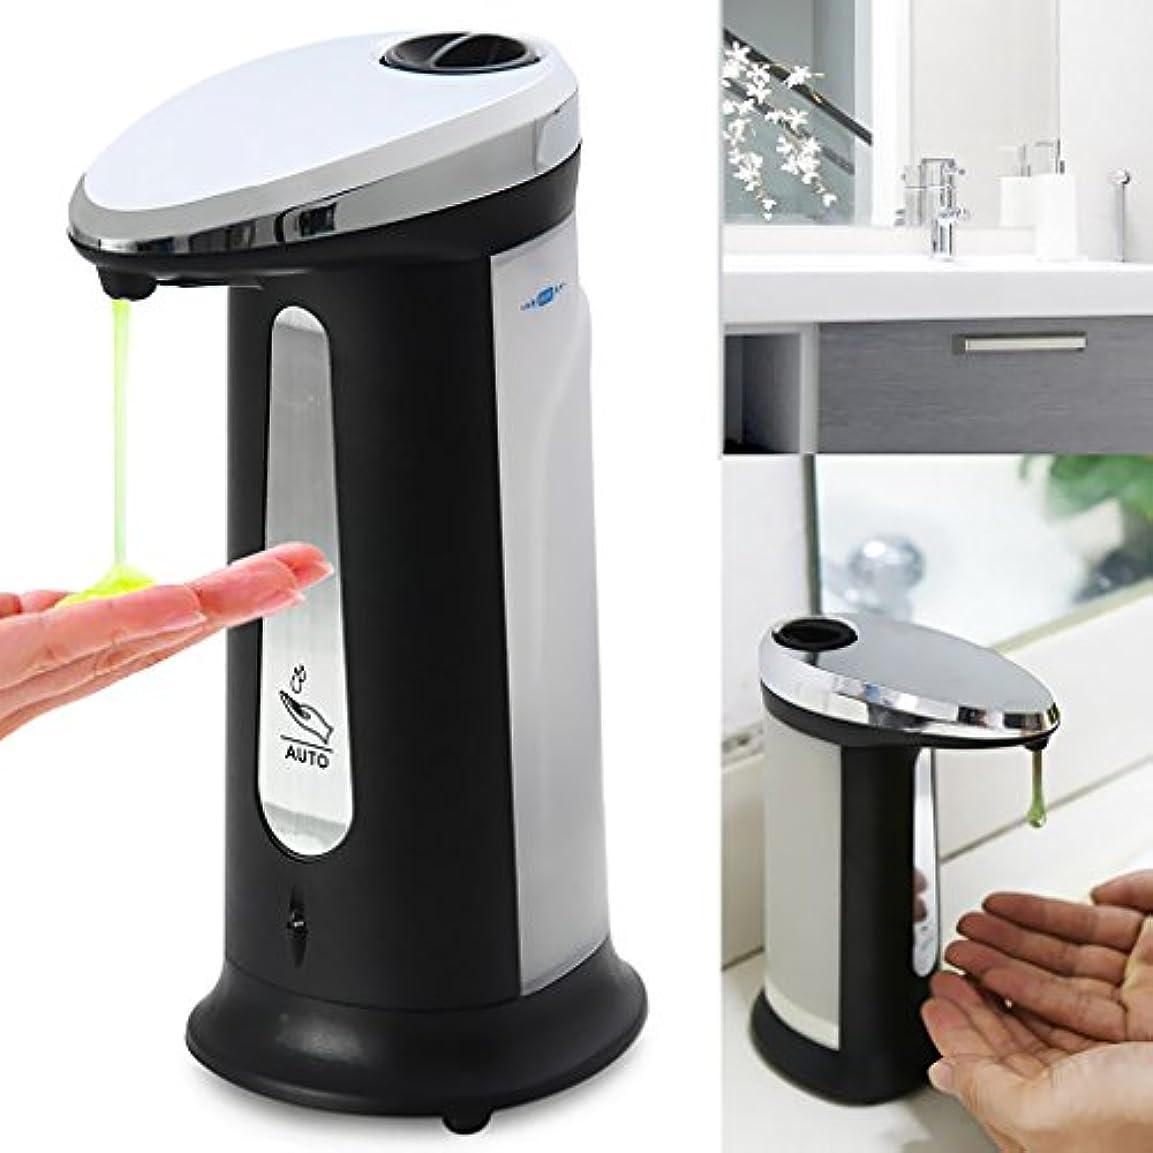 製造続編略す人感センサー ディスペンサー 400ml ソープ シャンプー 交叉感染予防 自動